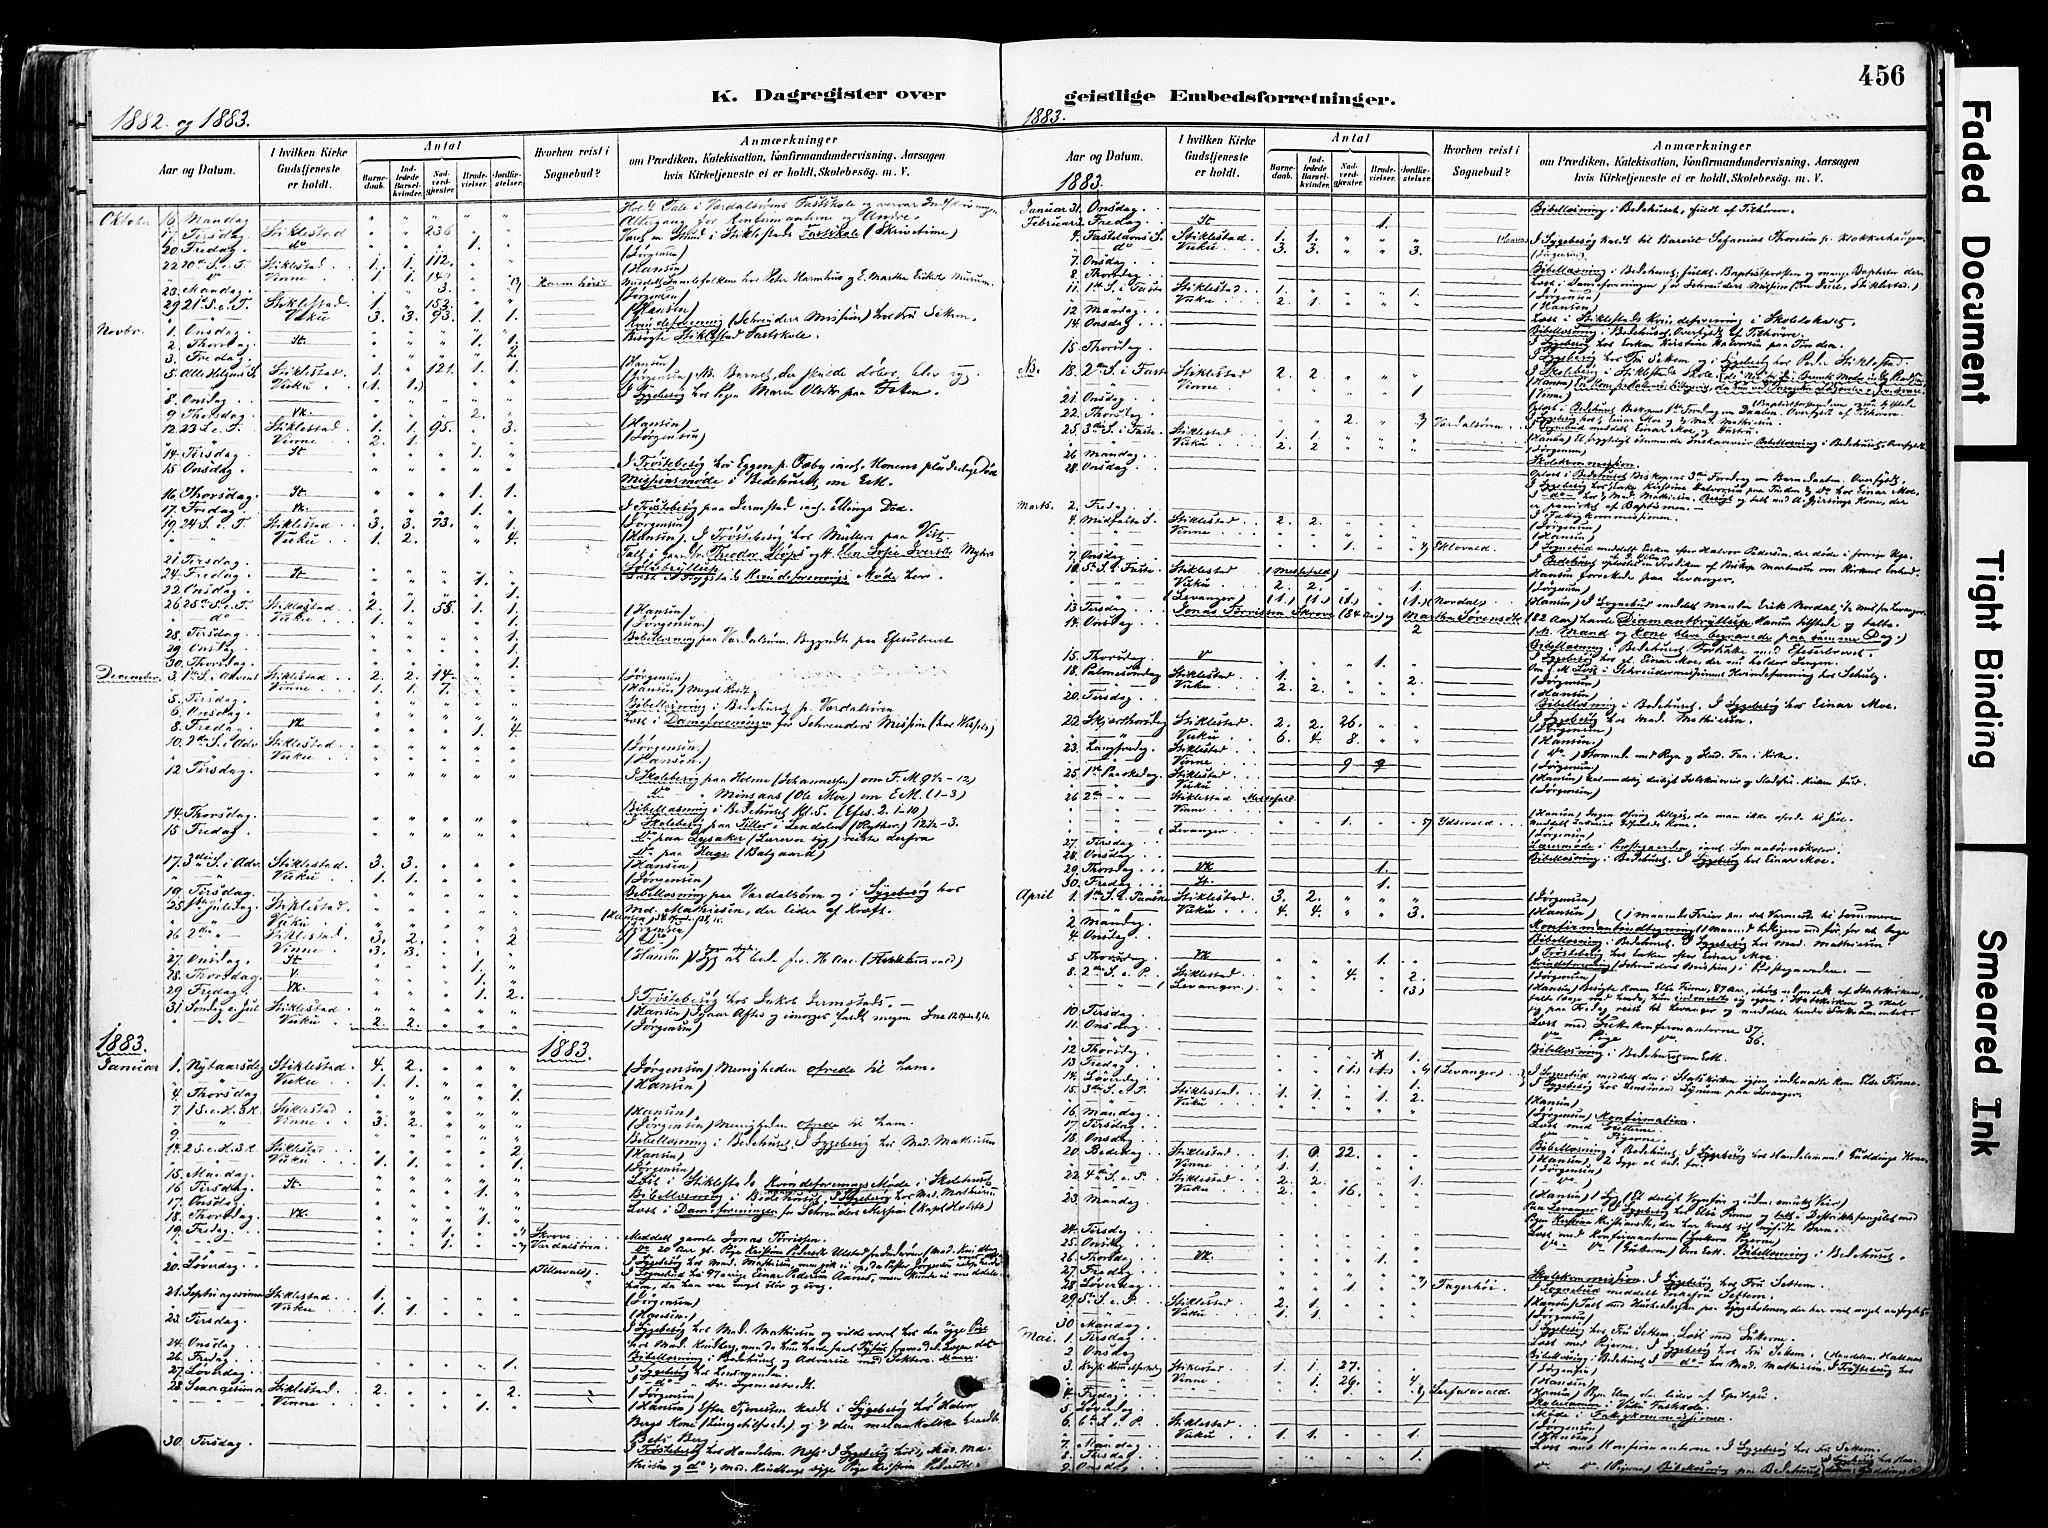 SAT, Ministerialprotokoller, klokkerbøker og fødselsregistre - Nord-Trøndelag, 723/L0244: Ministerialbok nr. 723A13, 1881-1899, s. 456